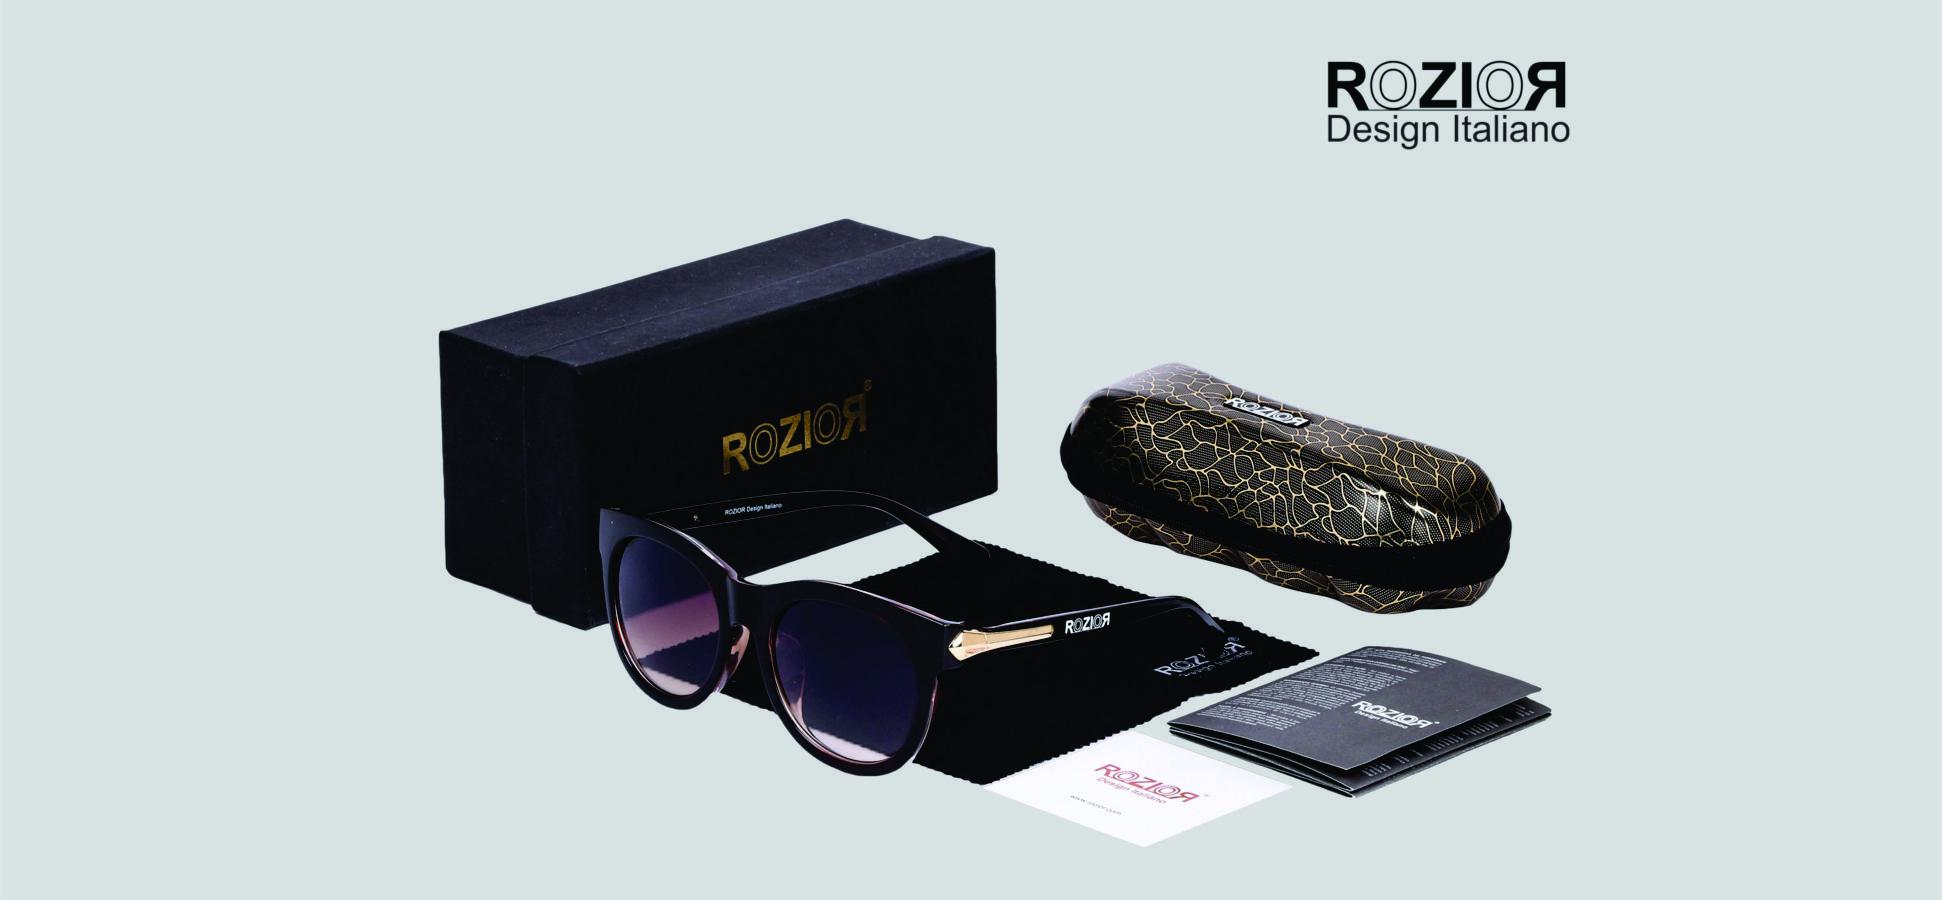 ROZIOR RWP1501C1 5. Design Italiano